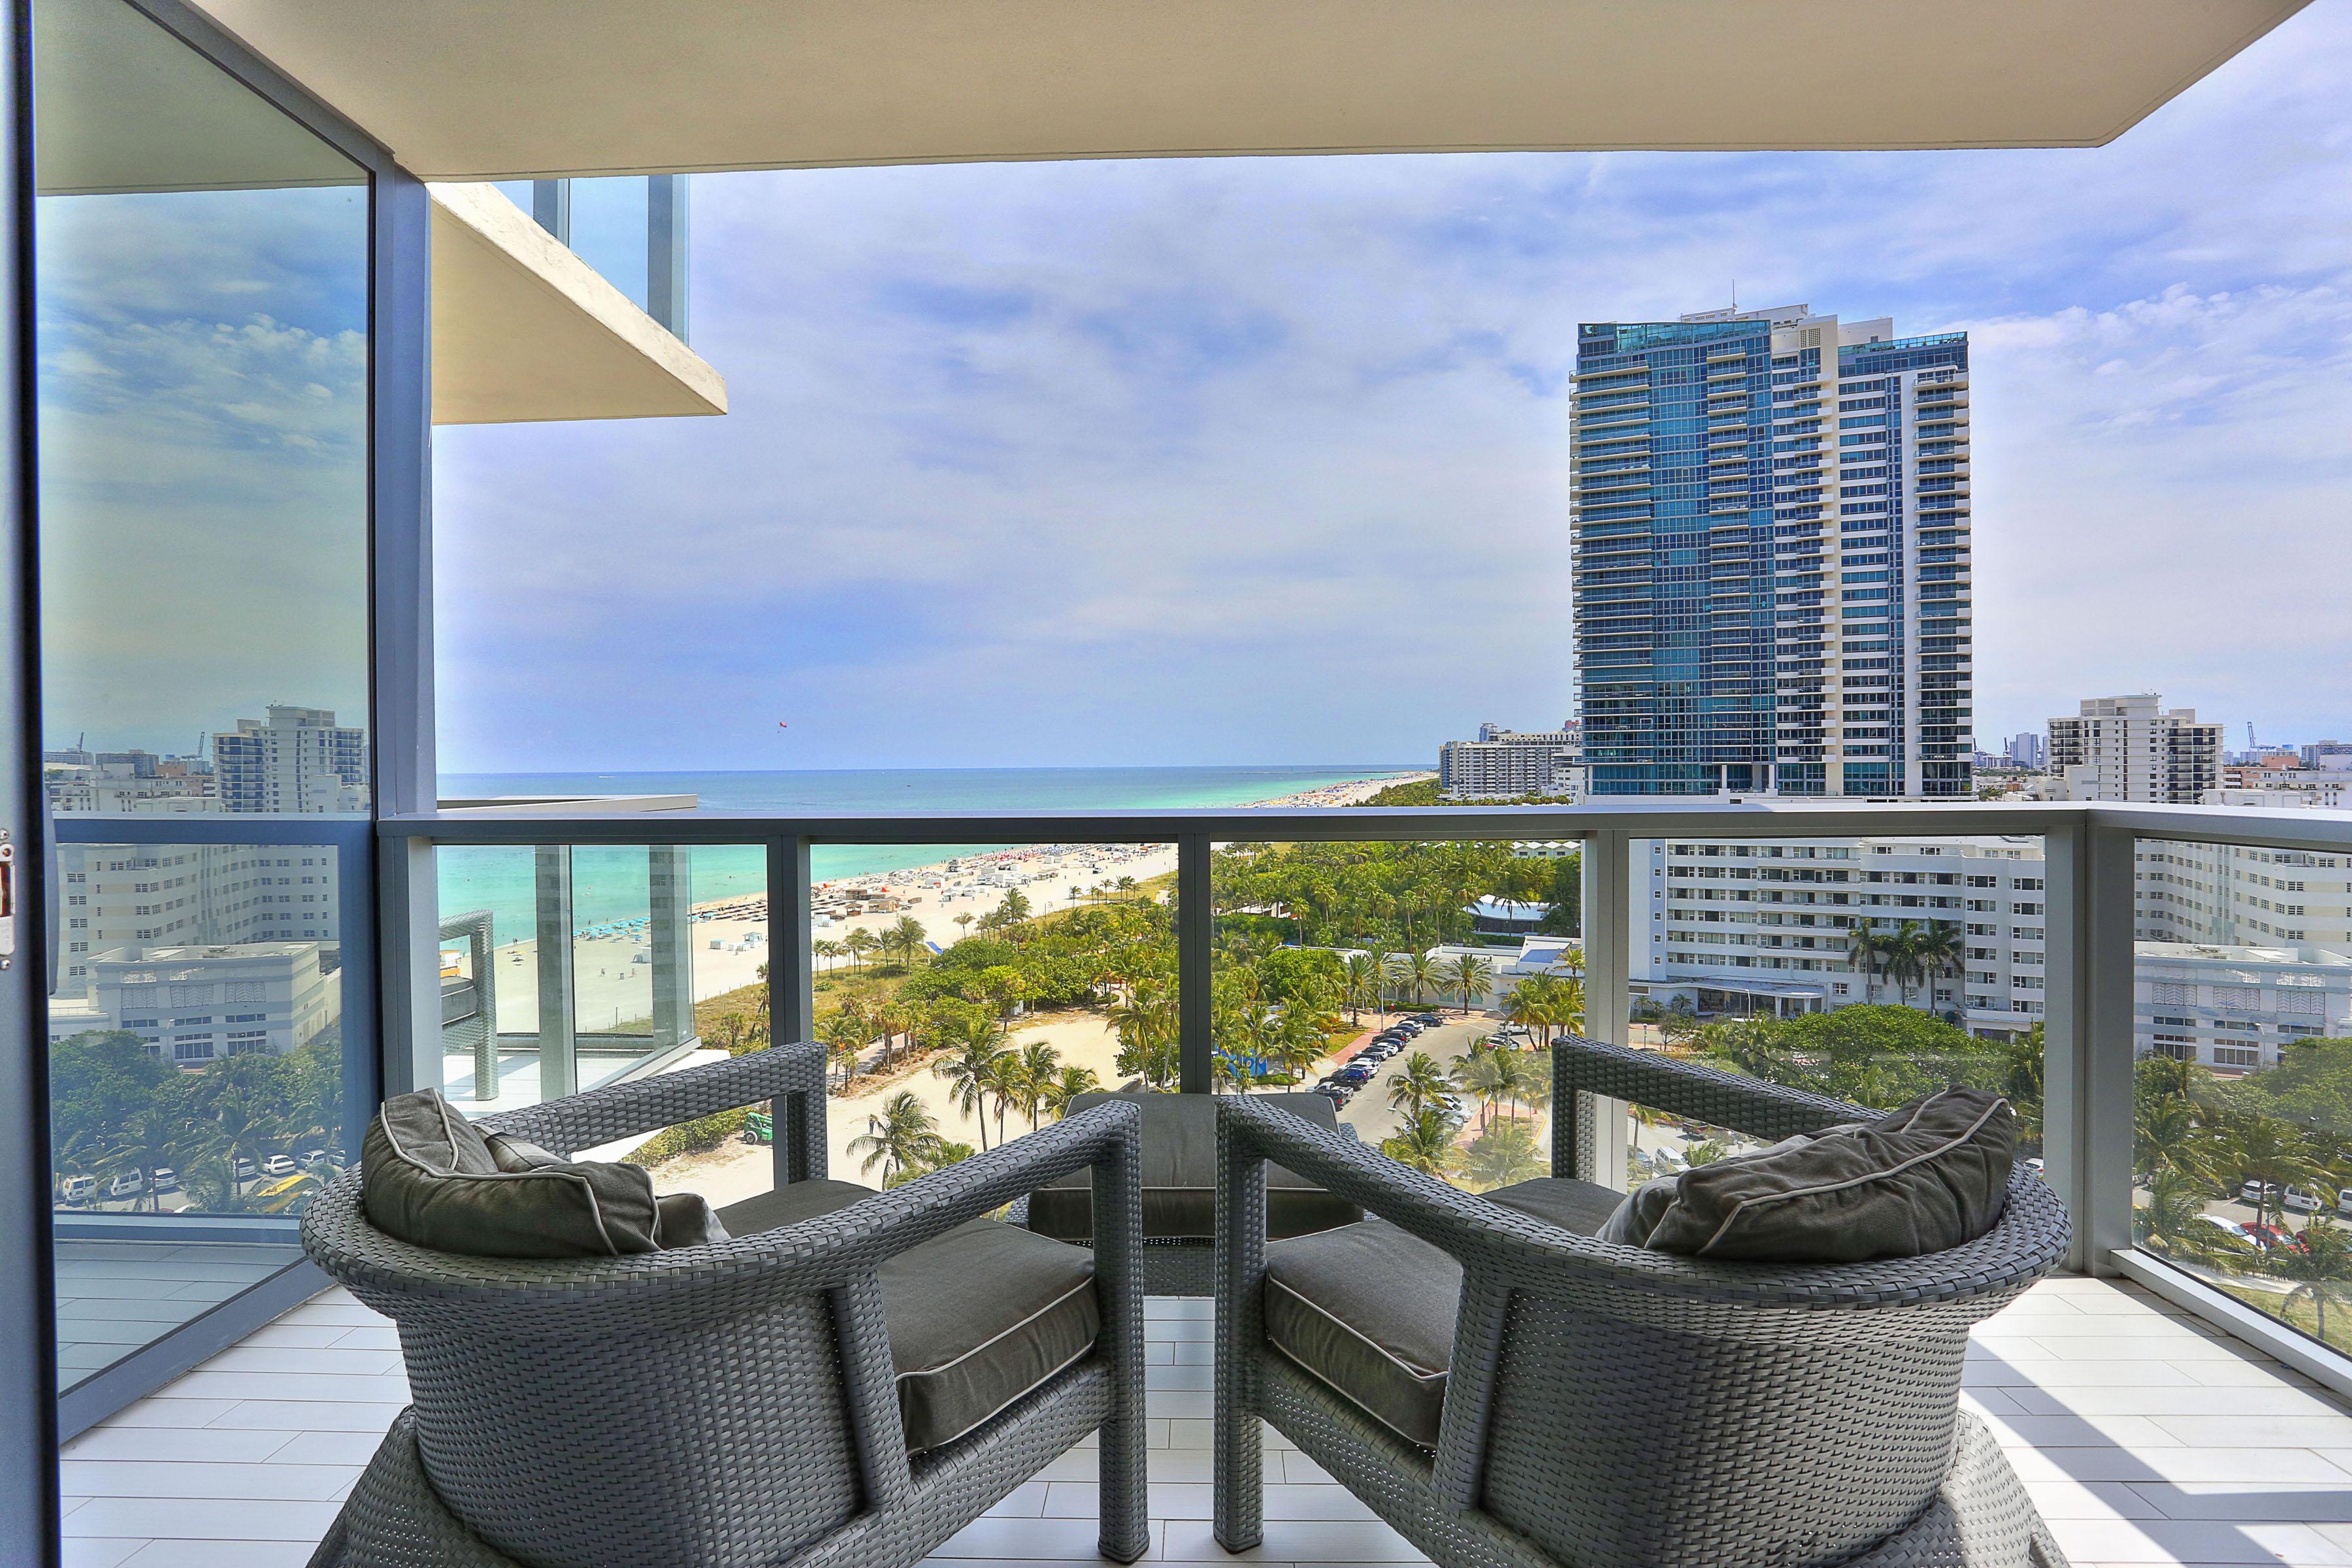 Eigentumswohnung für Verkauf beim 2201 Collins Ave # 1214 2201 Collins Ave 1214 Miami Beach, Florida, 33139 Vereinigte Staaten